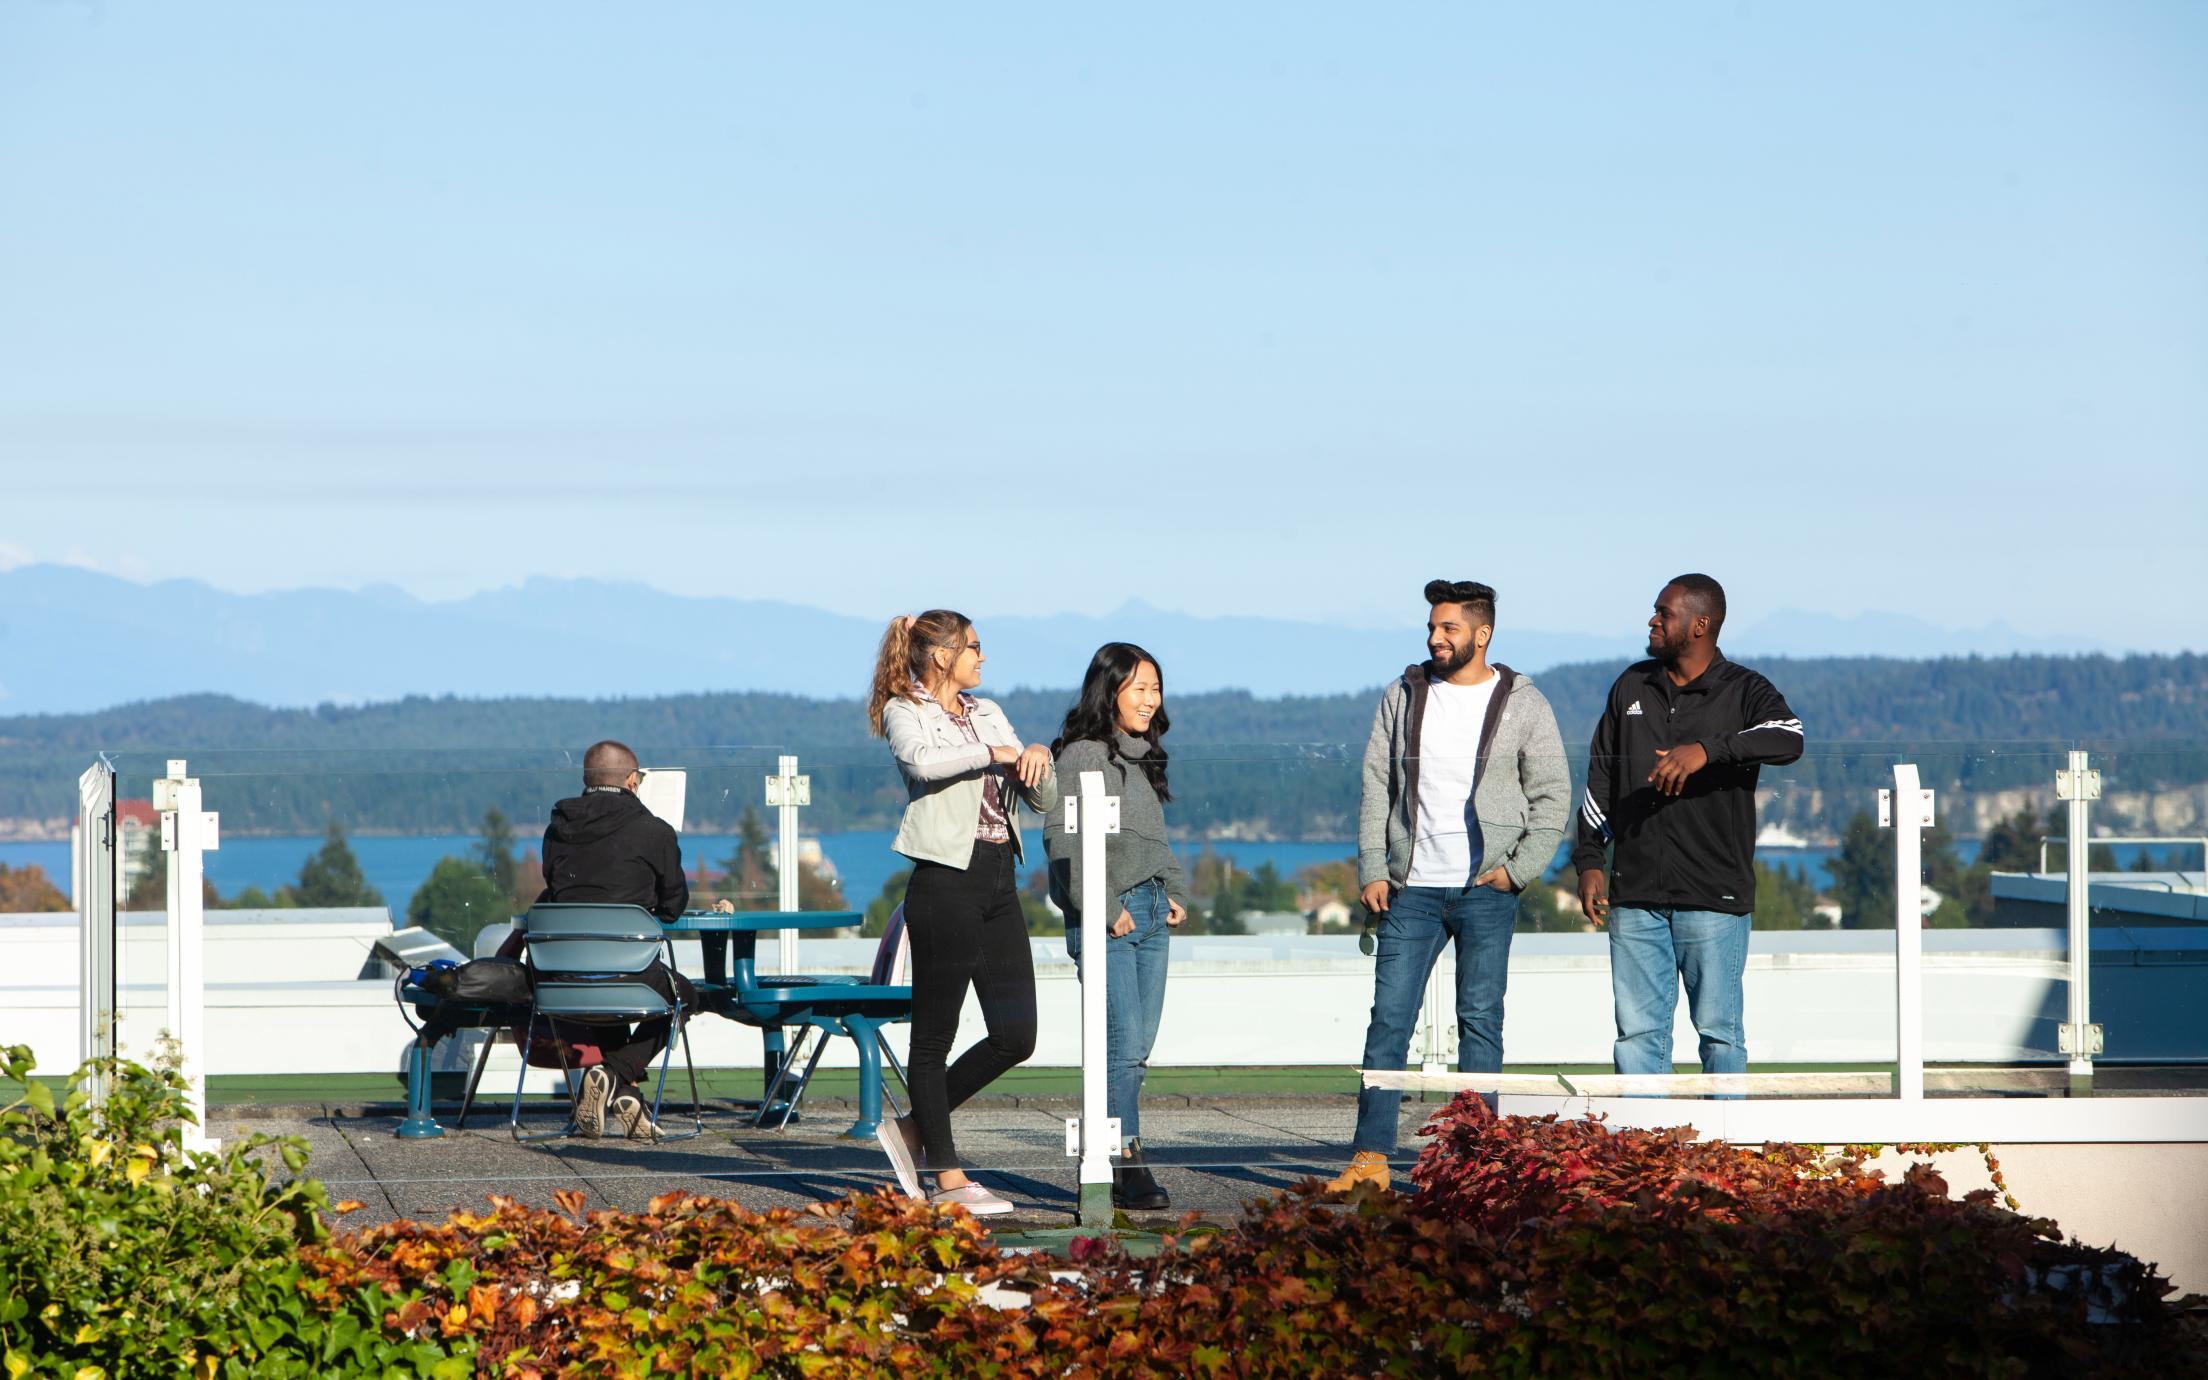 Students - Nanaimo Campus